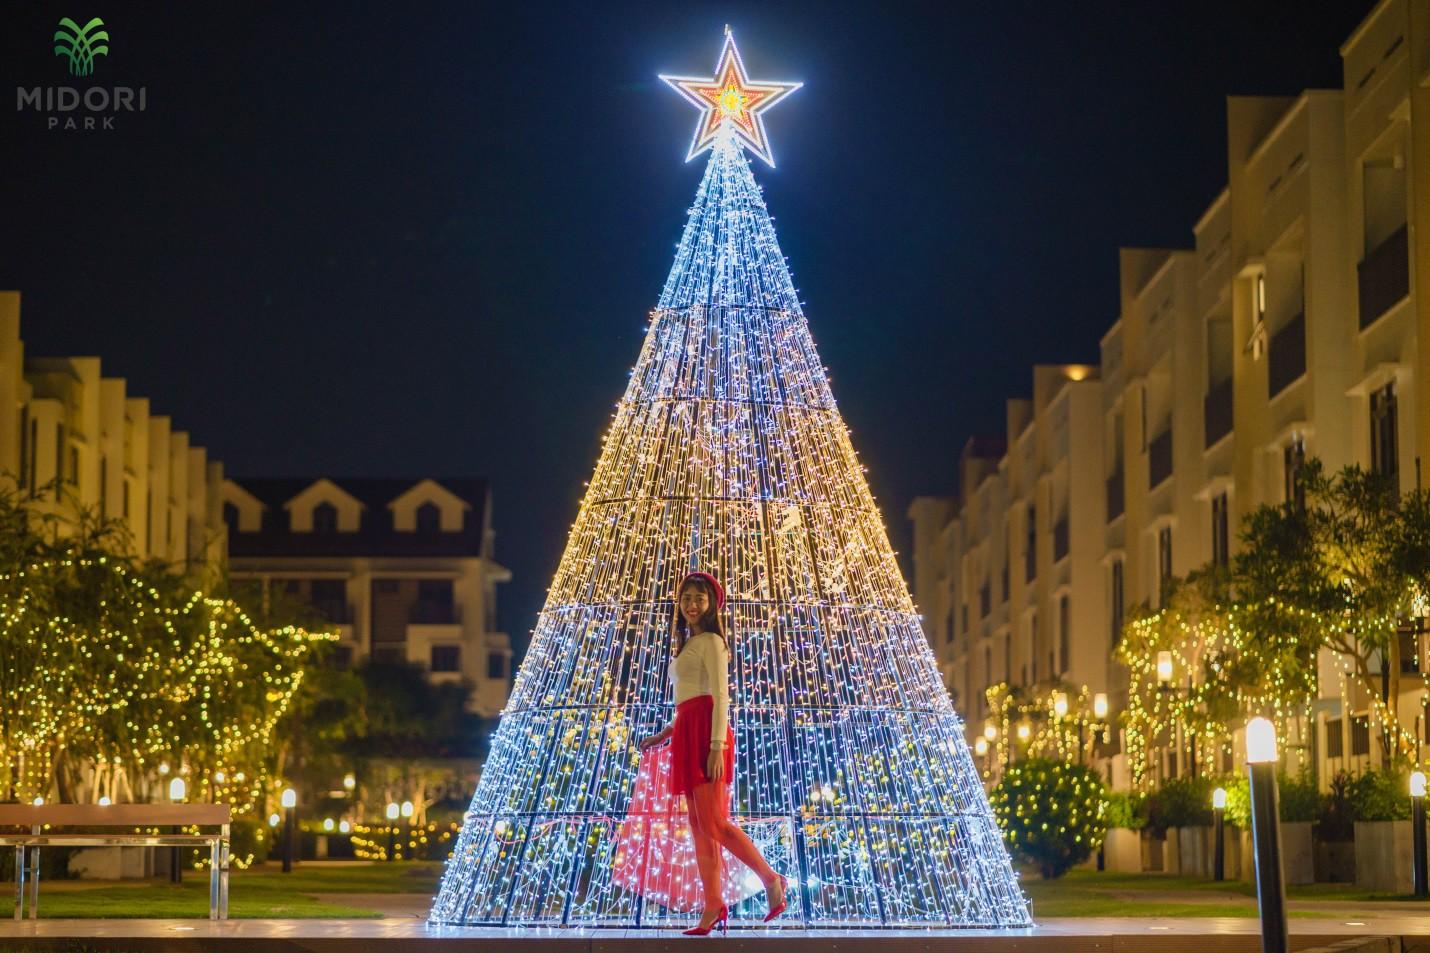 Một không khí Giáng sinh vô cùng sang chảnh dành cho cư dân tại công viên kiểu Nhật MIDORI PARK - Ảnh 8.